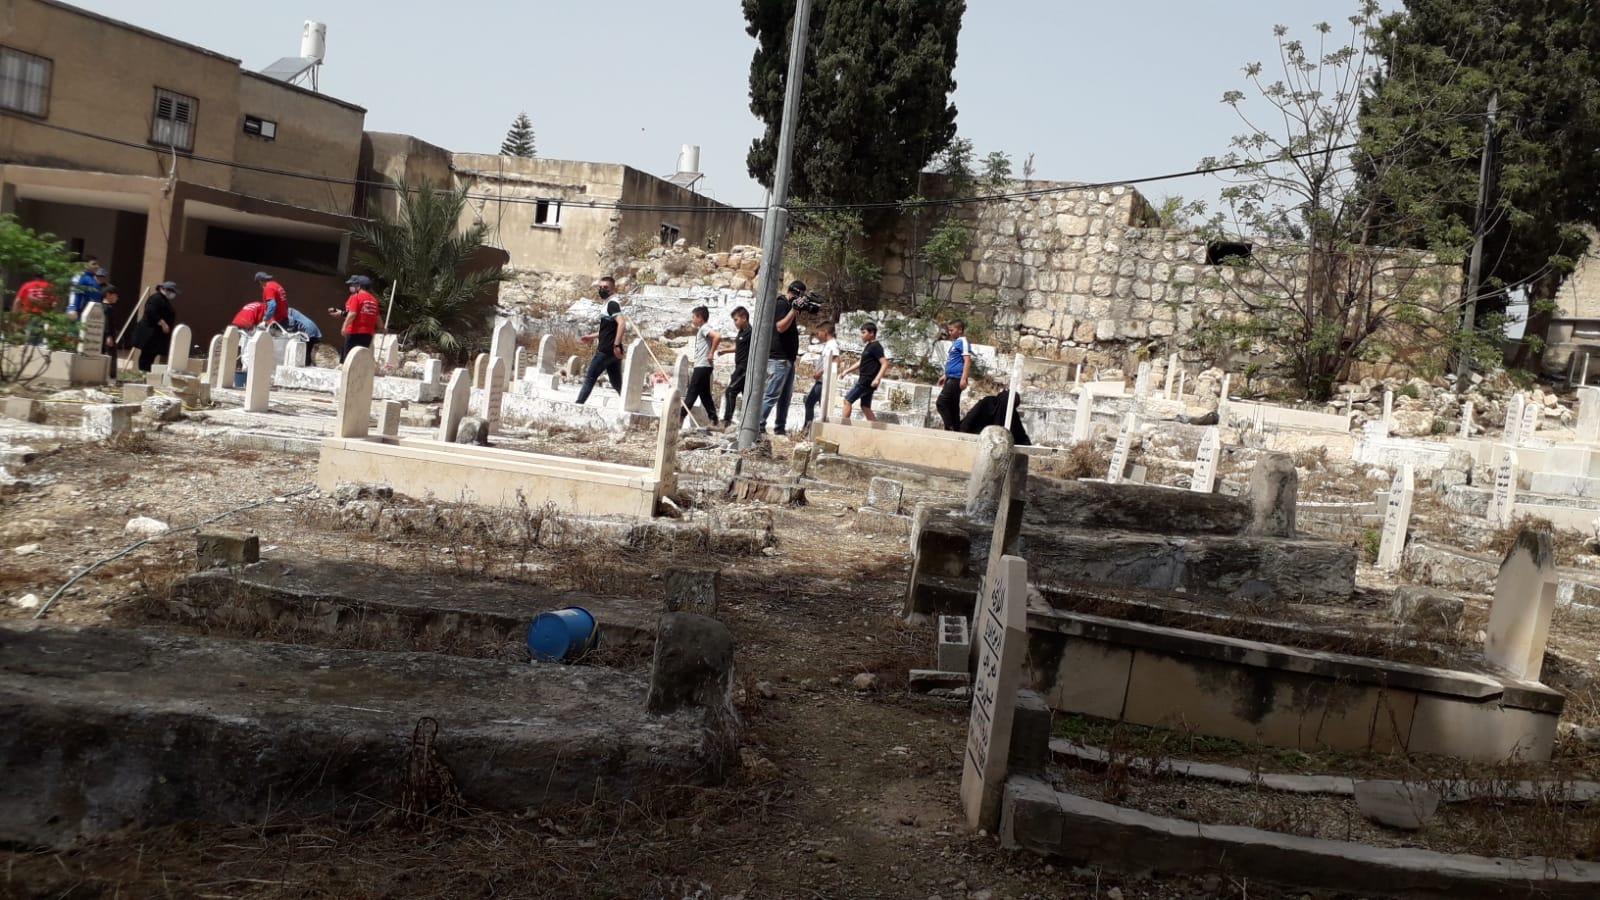 صور من فعالية تنظيف المقبرة الشرقية